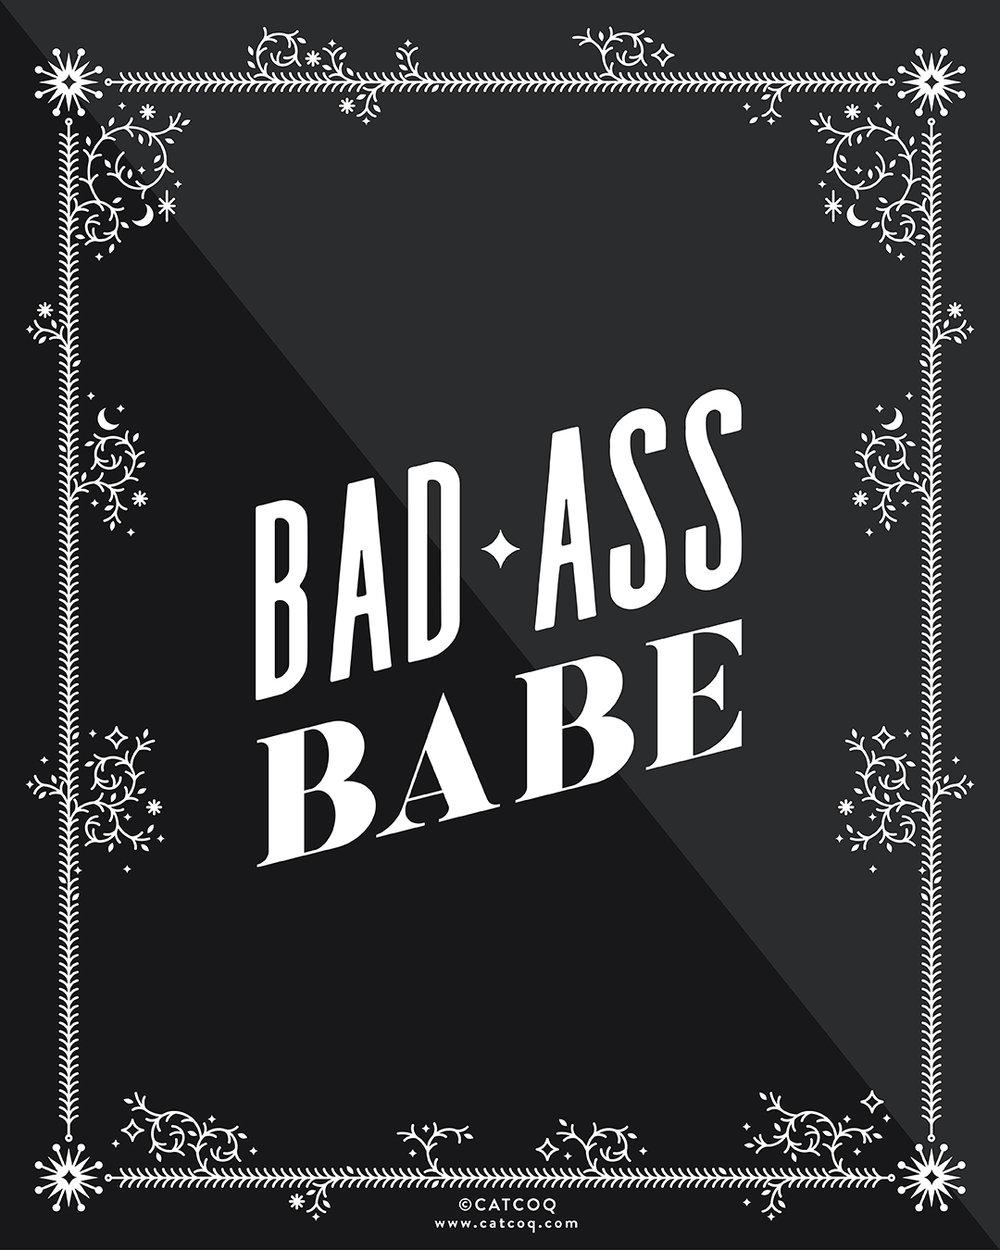 BadAssBabe-artprint.jpg